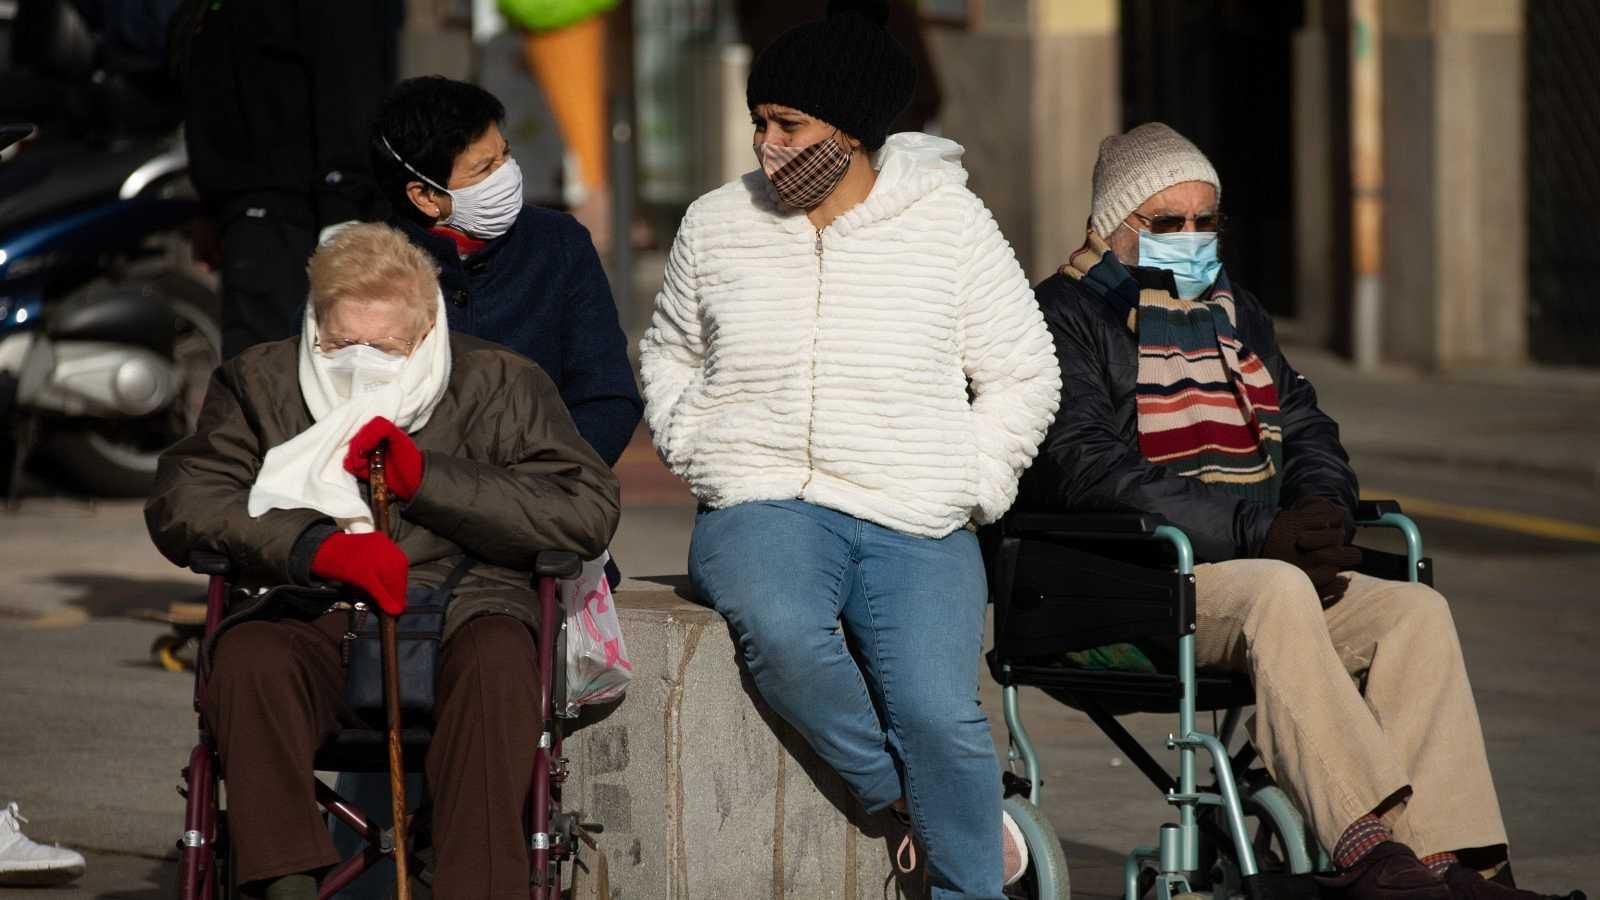 Uno de cada diez españoles se ha contagiado de coronavirus, según la cuarta ronda del estudio de seroprevalencia